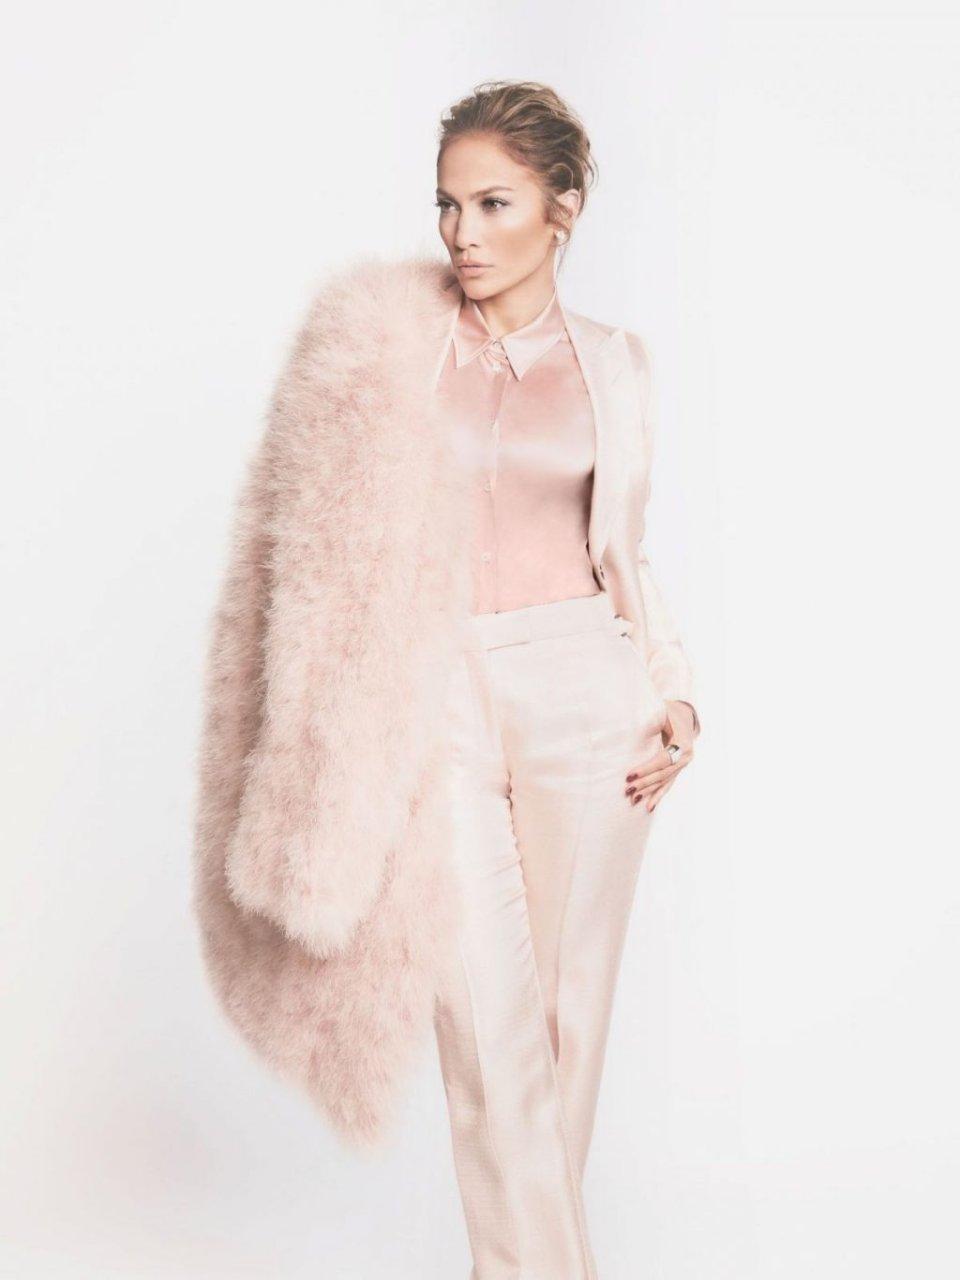 Jennifer Lopez Sexy (11 Photos)